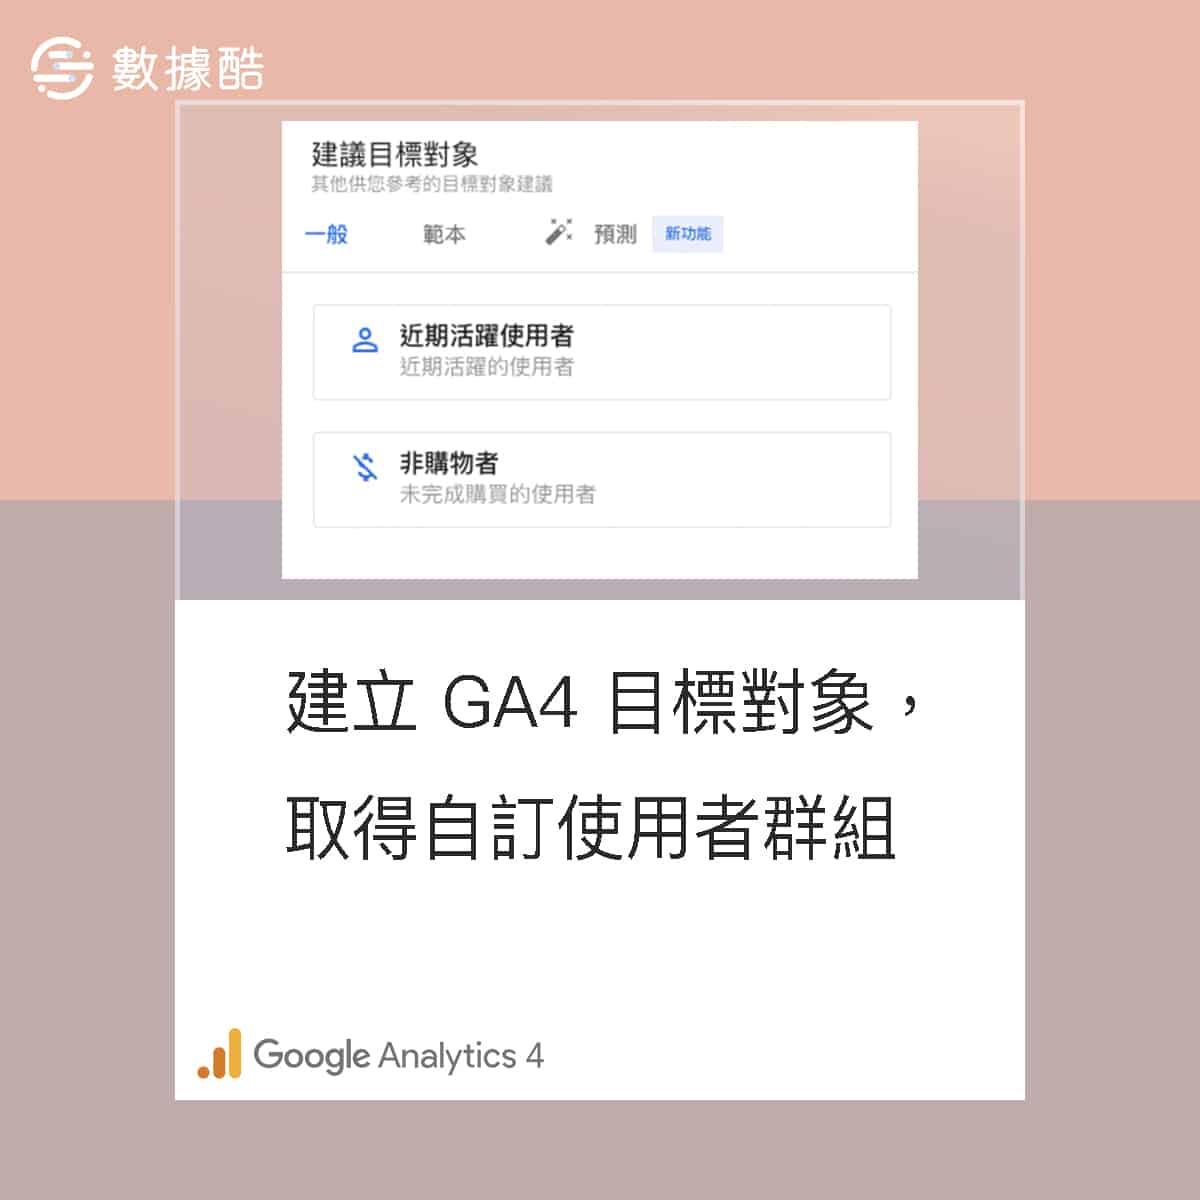 建立 Google Analytics 4 目標對象,取得自訂使用者群組